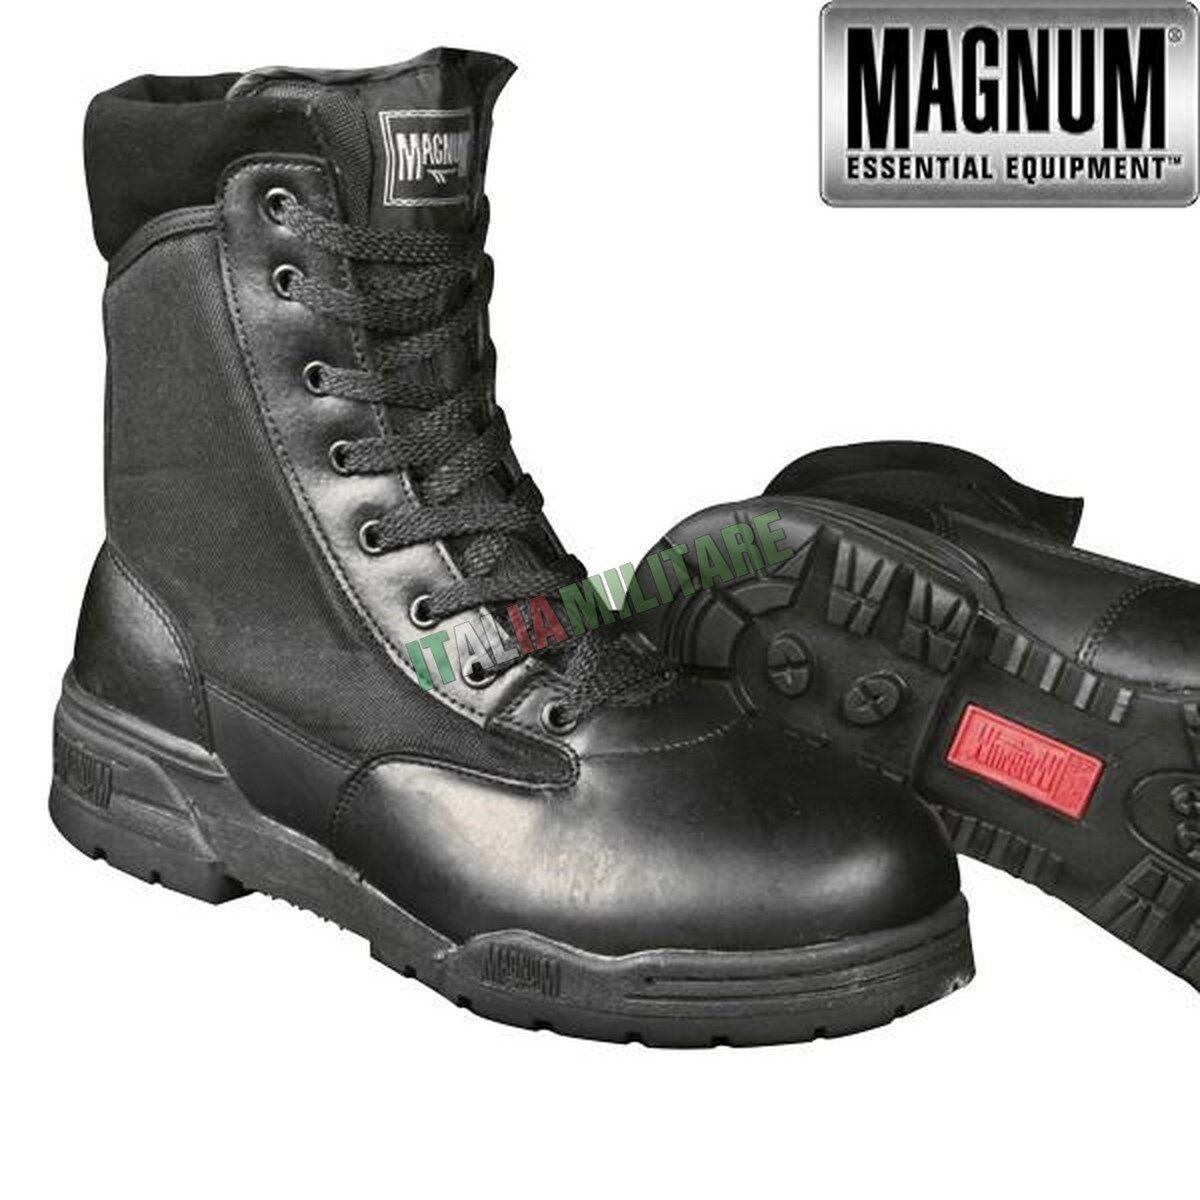 Anfibio Magnum Magnum Anfibio CLASSIC - Anfibi Magnum dff698